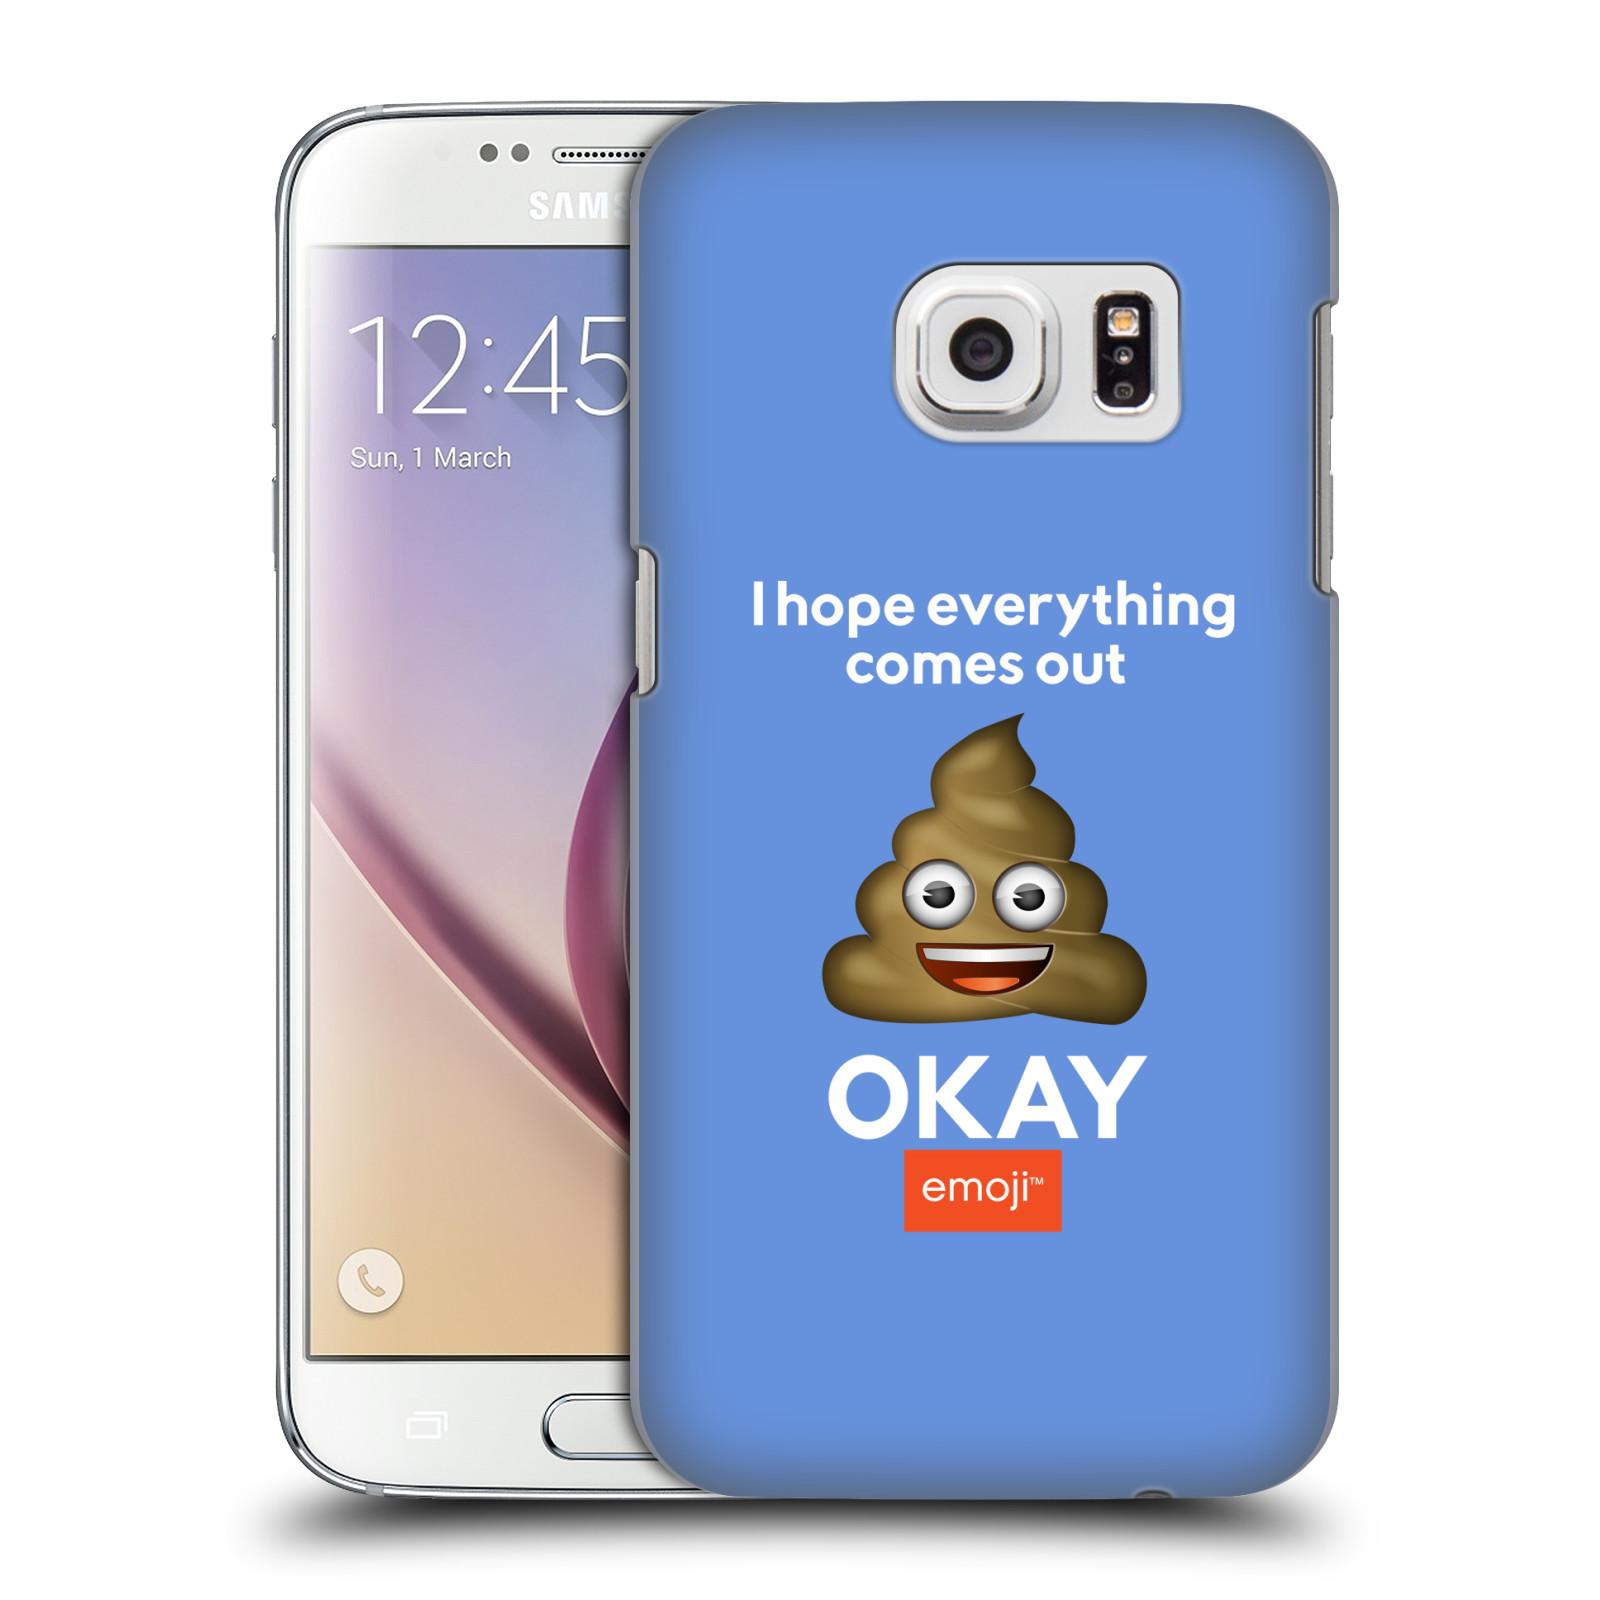 Plastové pouzdro na mobil Samsung Galaxy S7 HEAD CASE EMOJI - Hovínko OKAY (Kryt či obal s oficiálním motivem EMOJI na mobilní telefon Samsung Galaxy S7 SM-G930F)